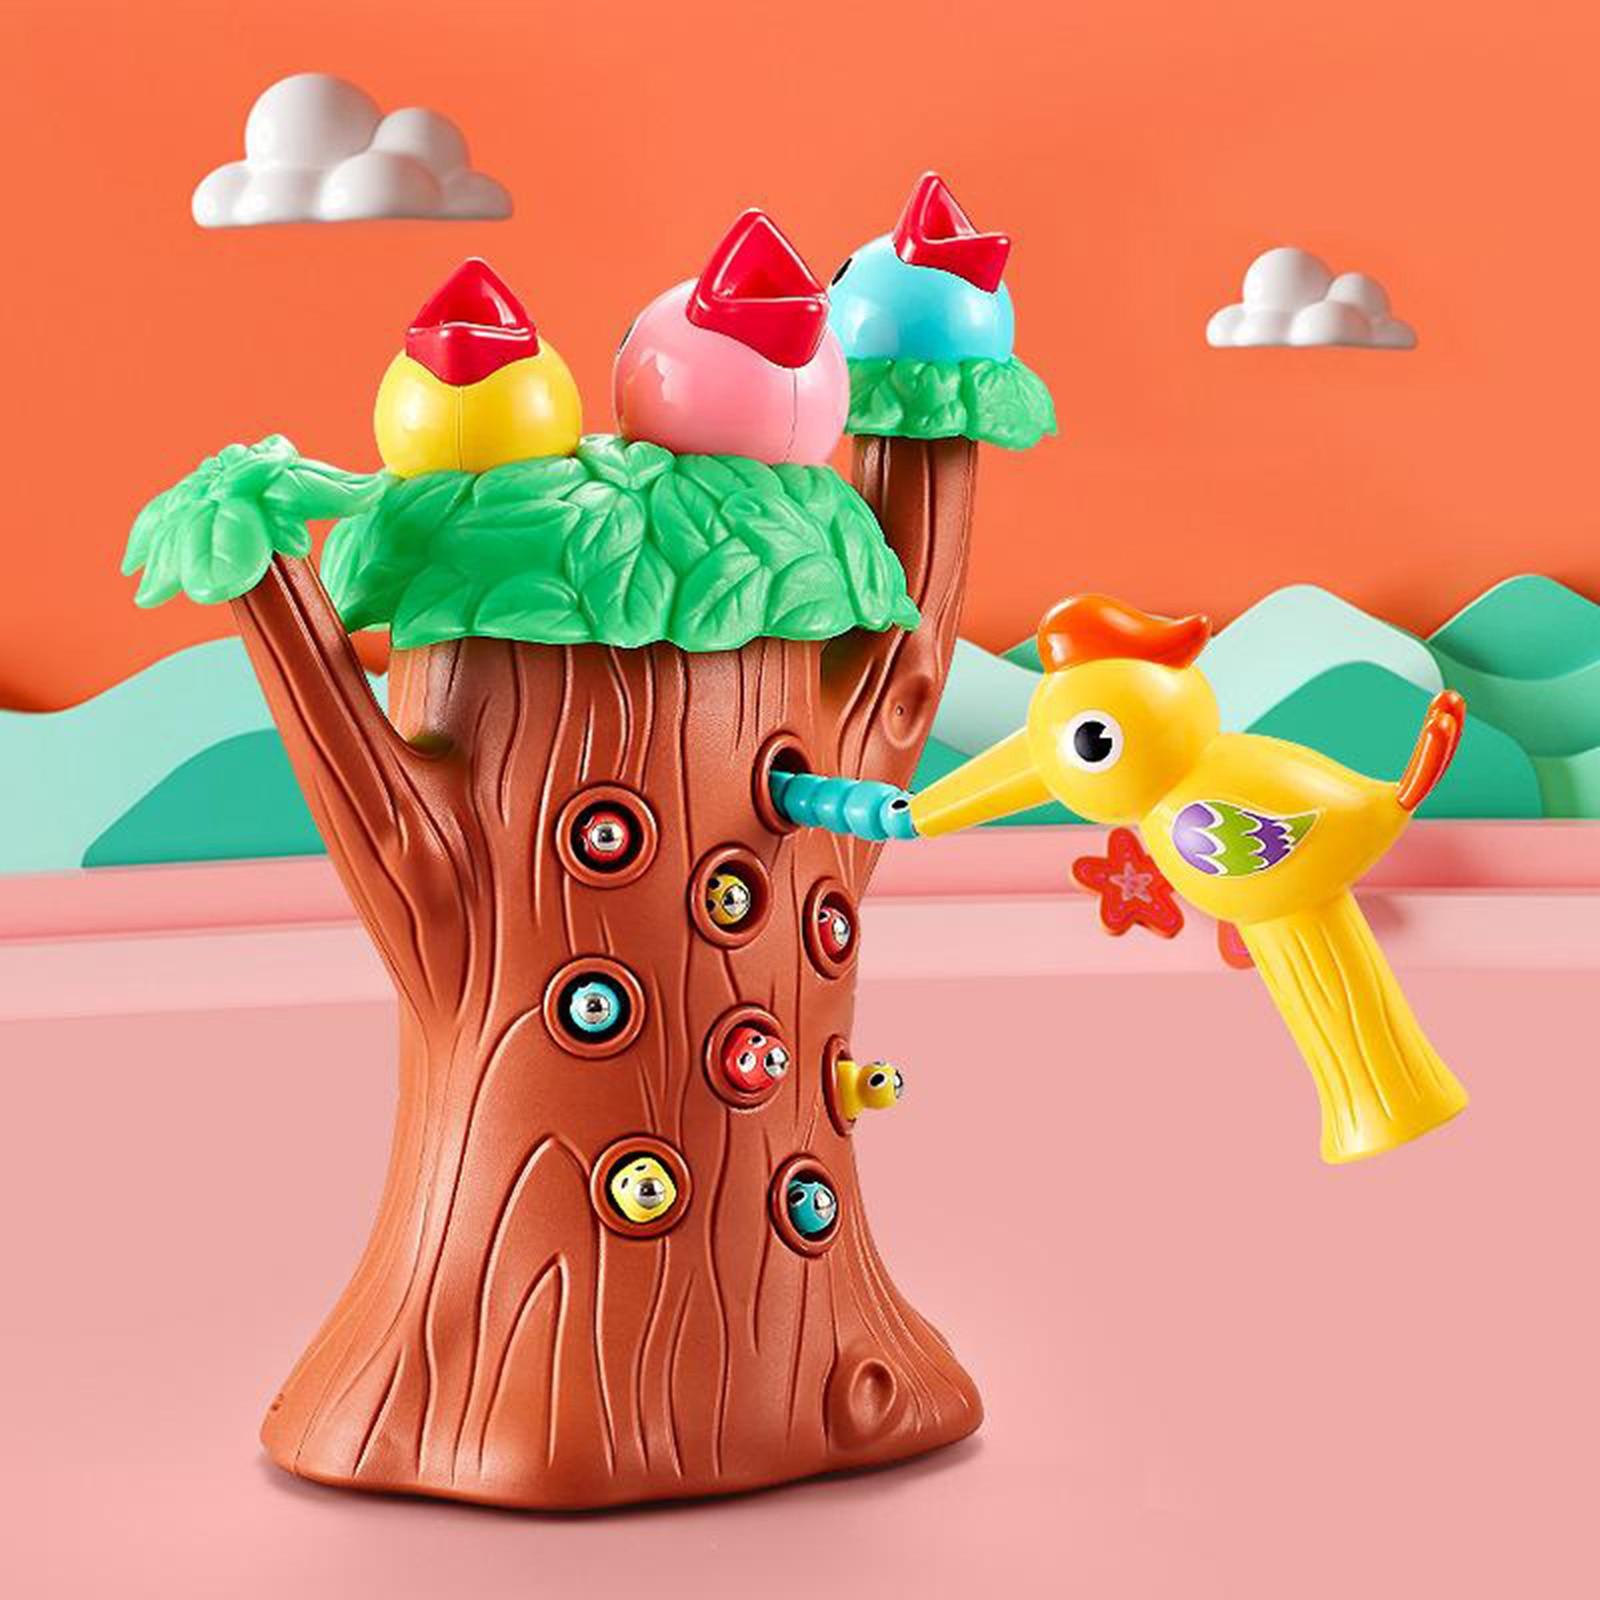 emocionais, brinquedos pré-escolares, animais, jogos